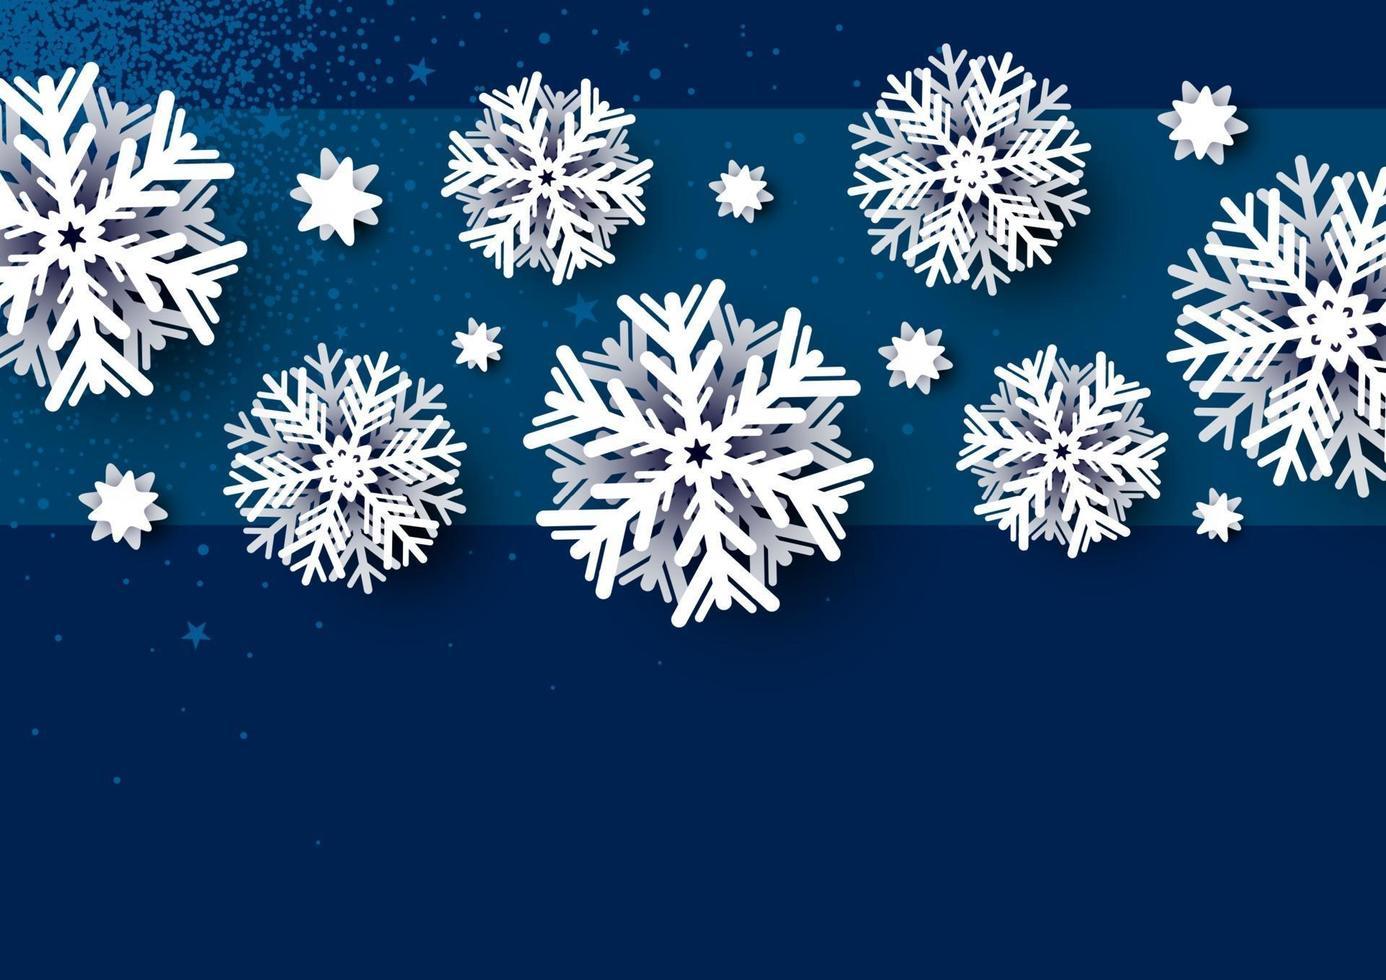 design de cartão de natal de floco de neve branco em ilustração vetorial de fundo azul vetor